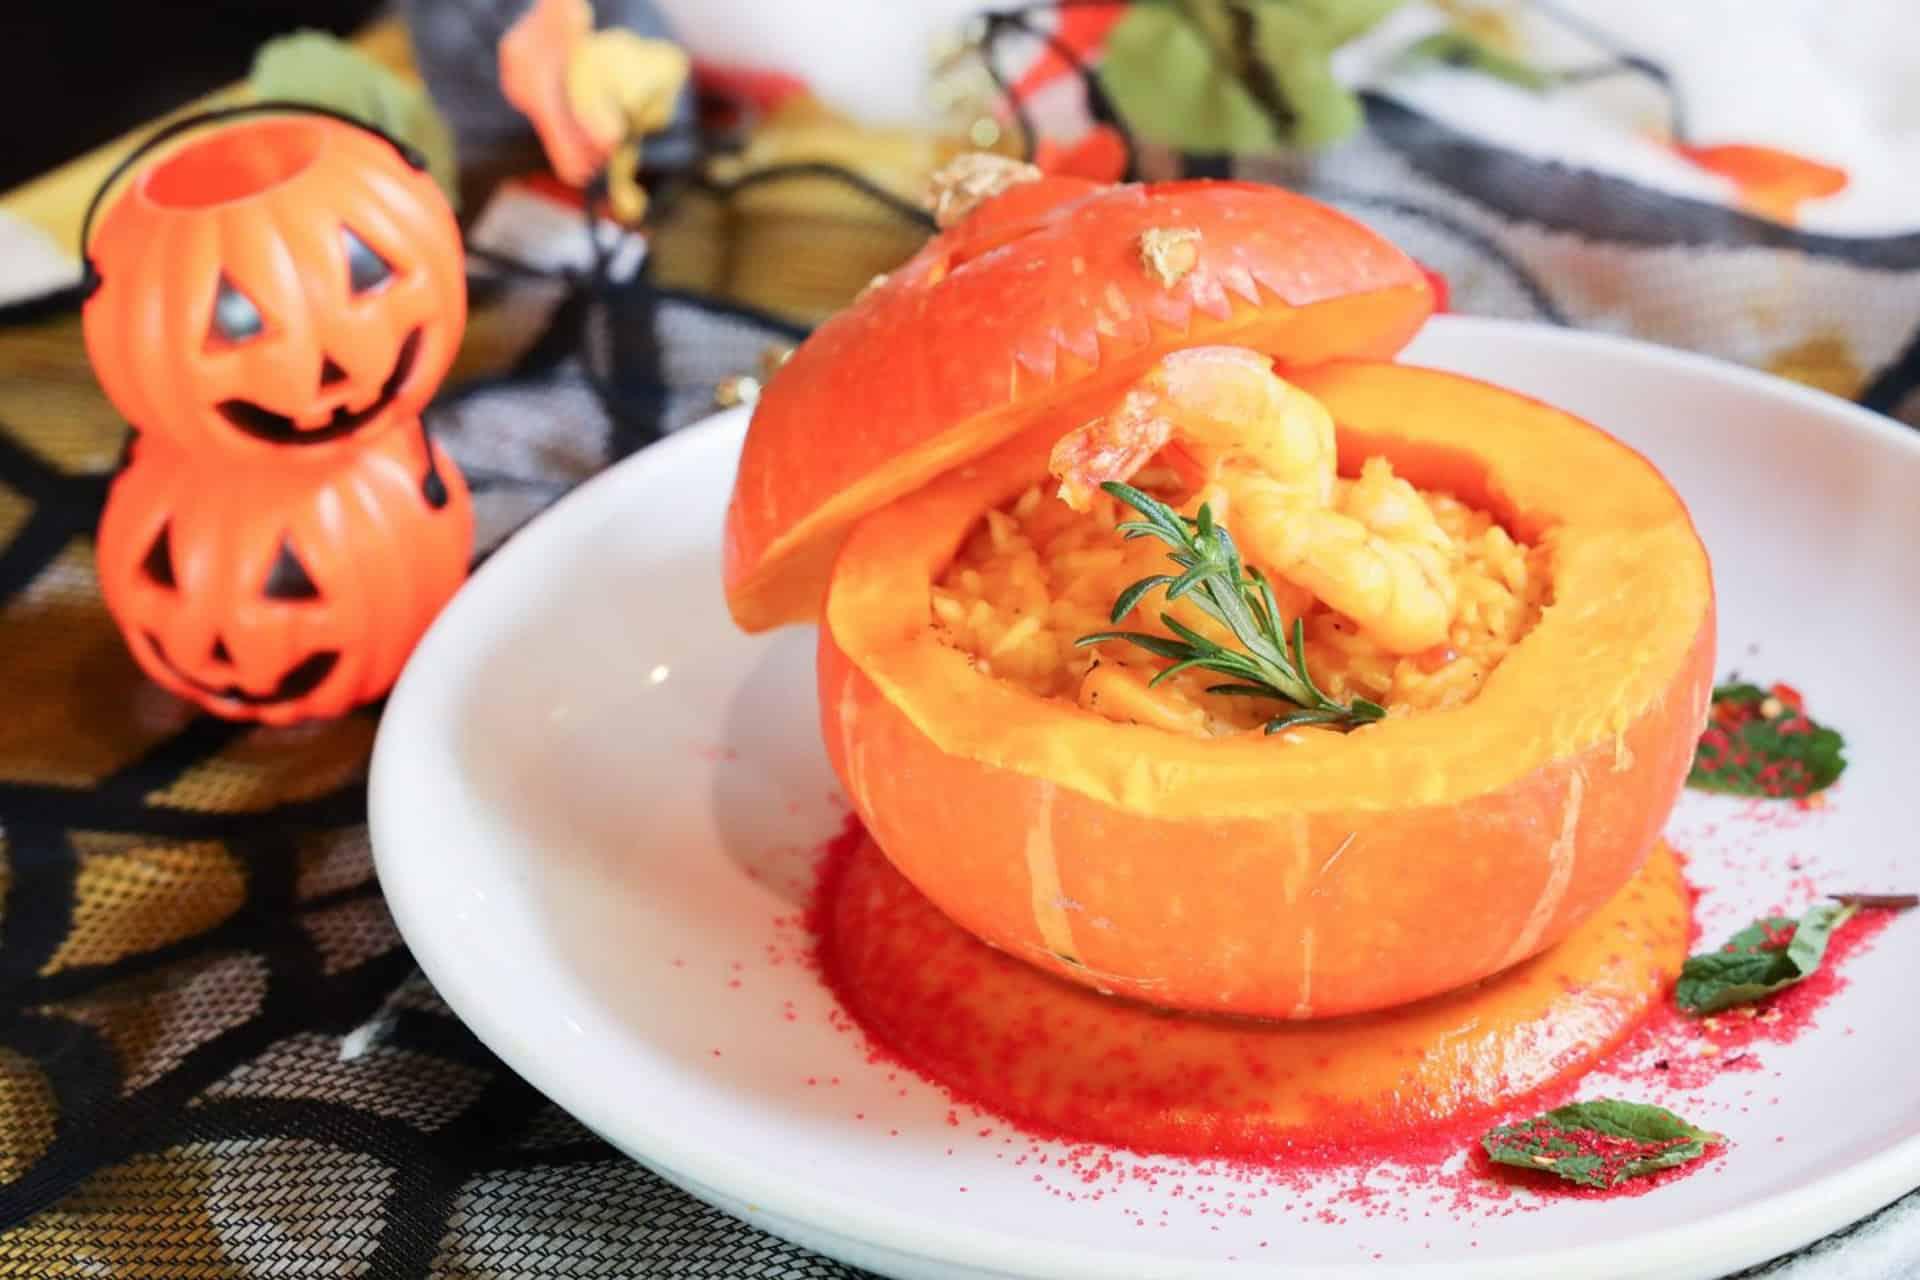 黃金海岸商場「南瓜節」 地中海餐廳把南瓜入饌,呈獻「南瓜節美食」。